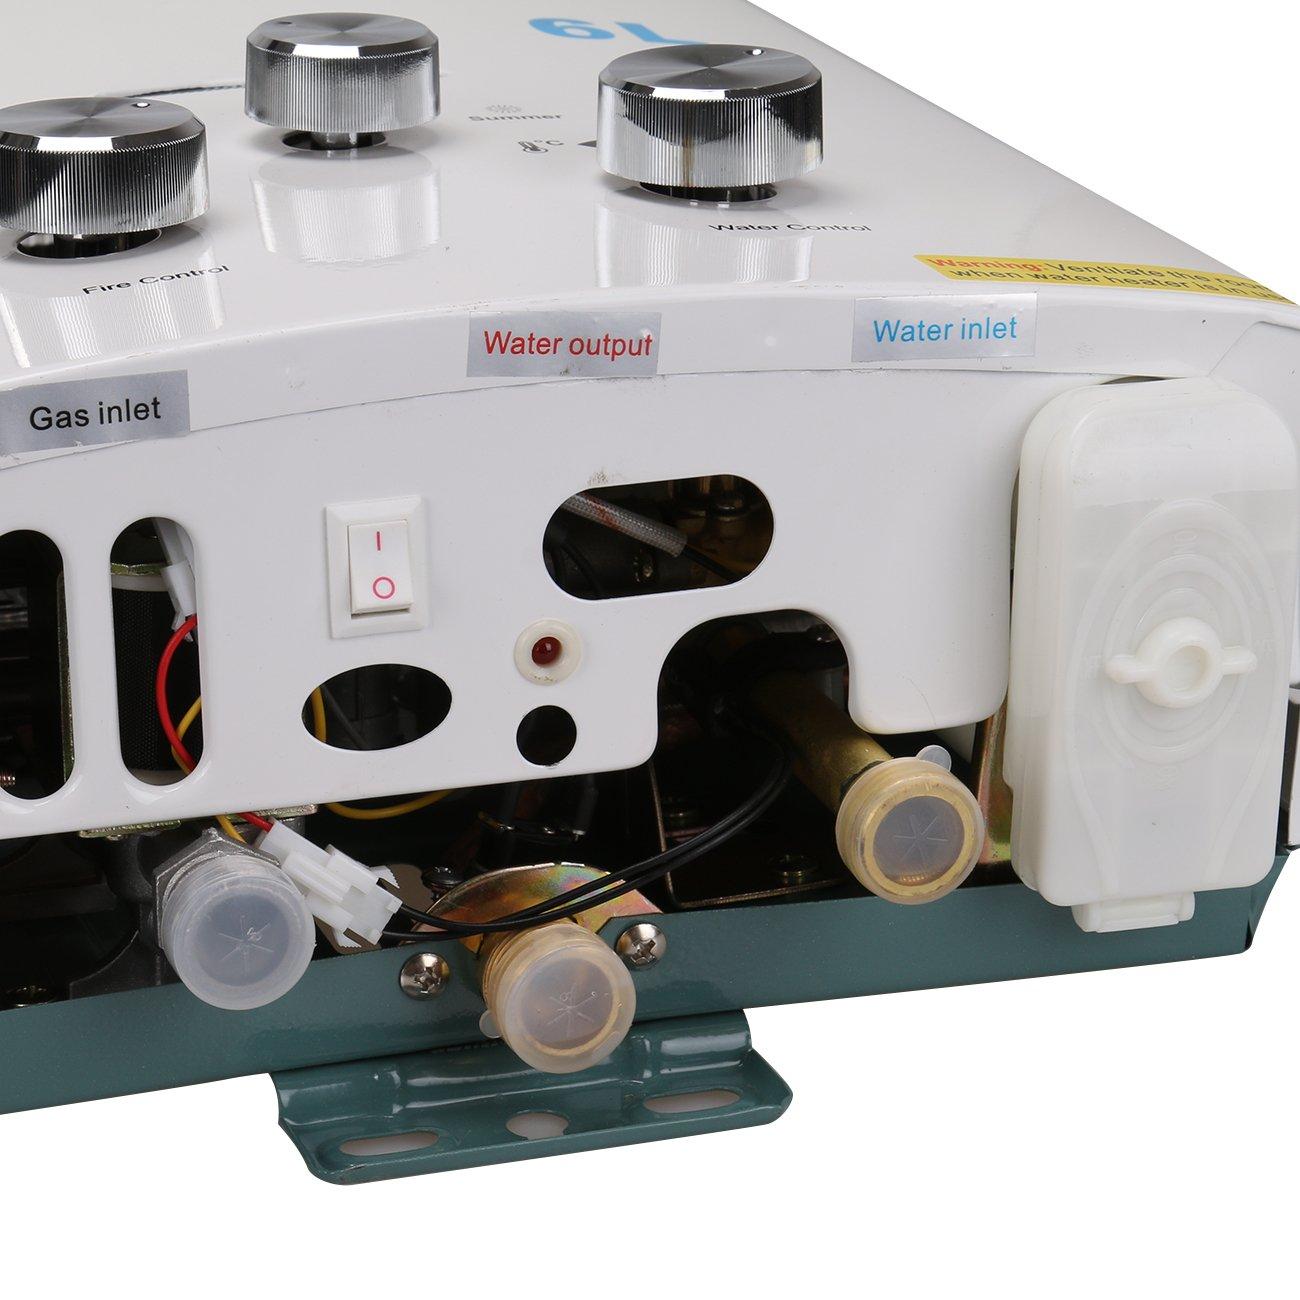 Calentador de gas propano instantáneo de Ridgeyard 6L LPG. Depósito de agua caliente: Amazon.es: Bricolaje y herramientas